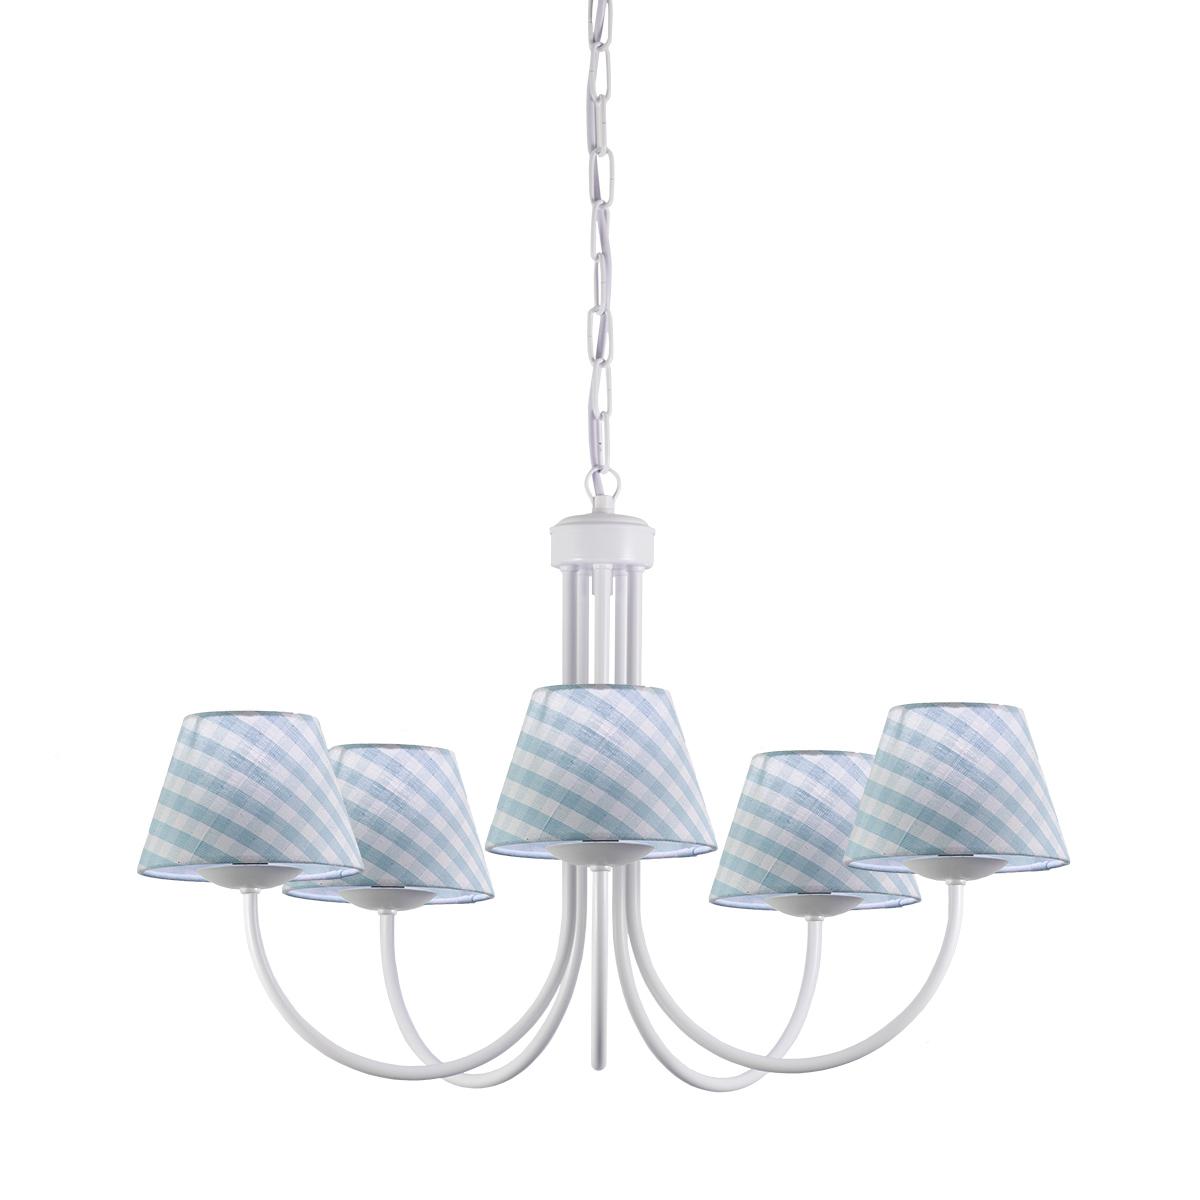 Πολύφωτο με σιέλ καρό καπέλα BIANCO chandelier